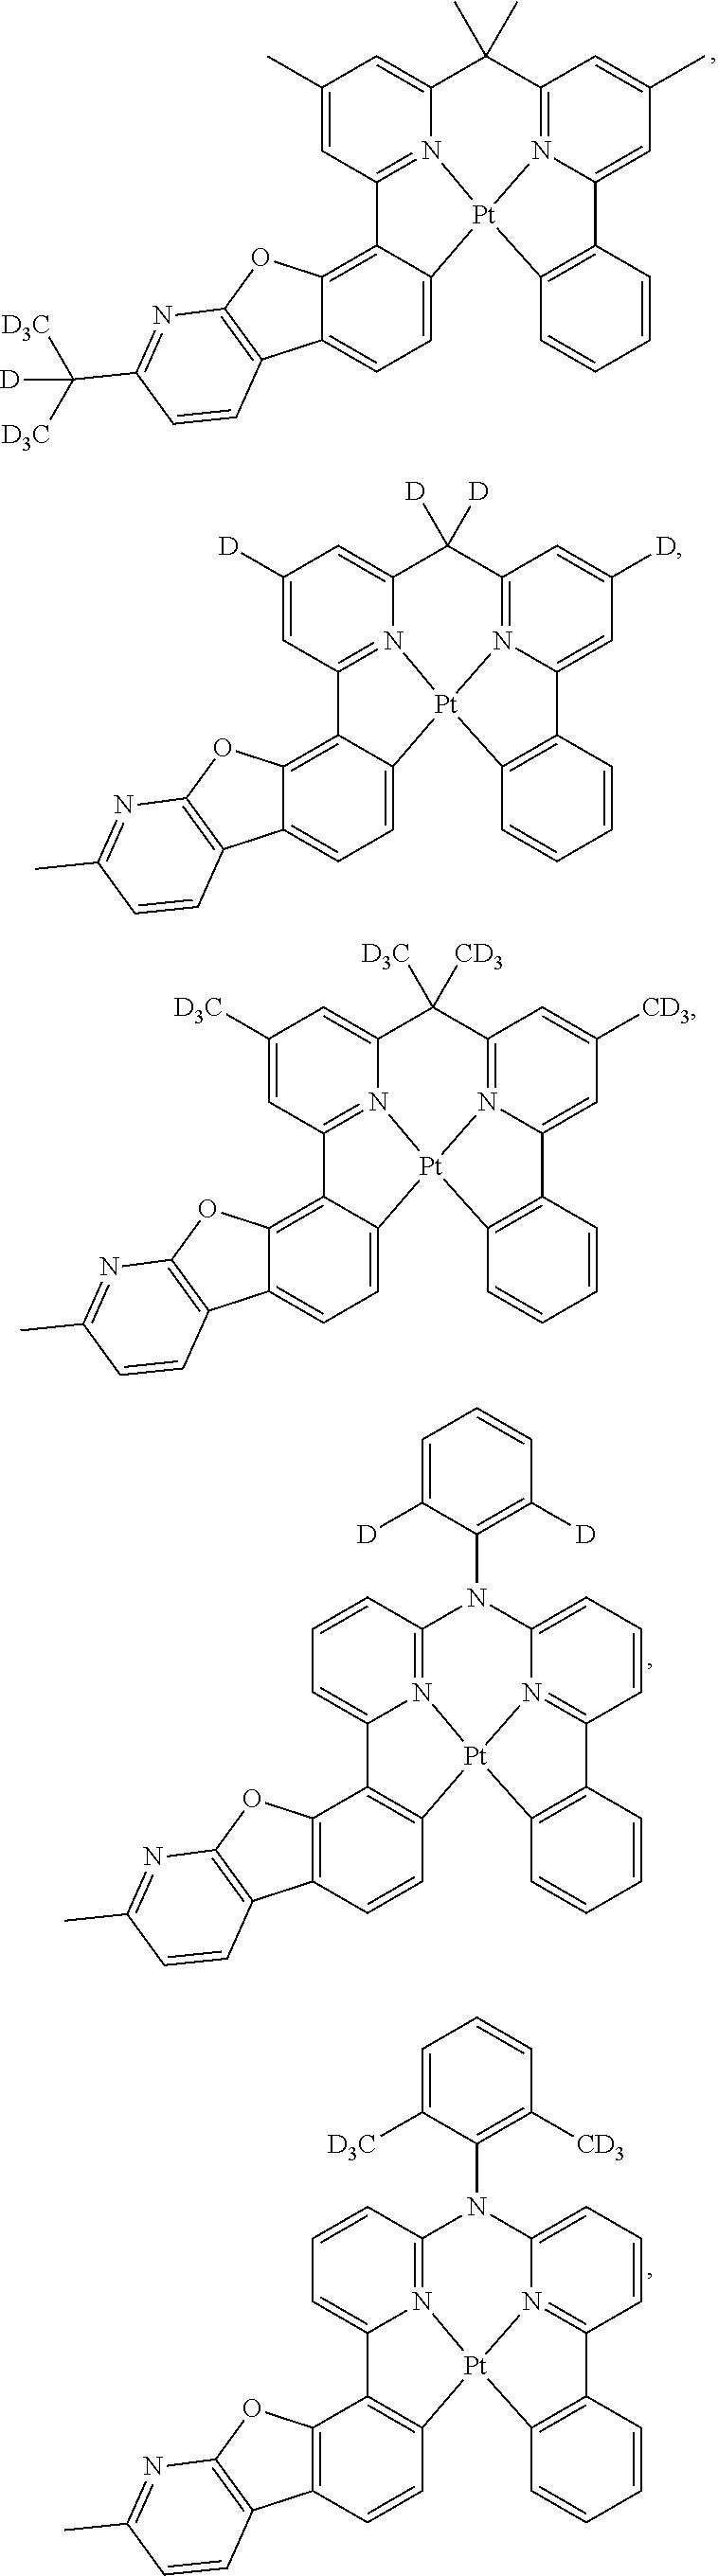 Figure US09871214-20180116-C00055